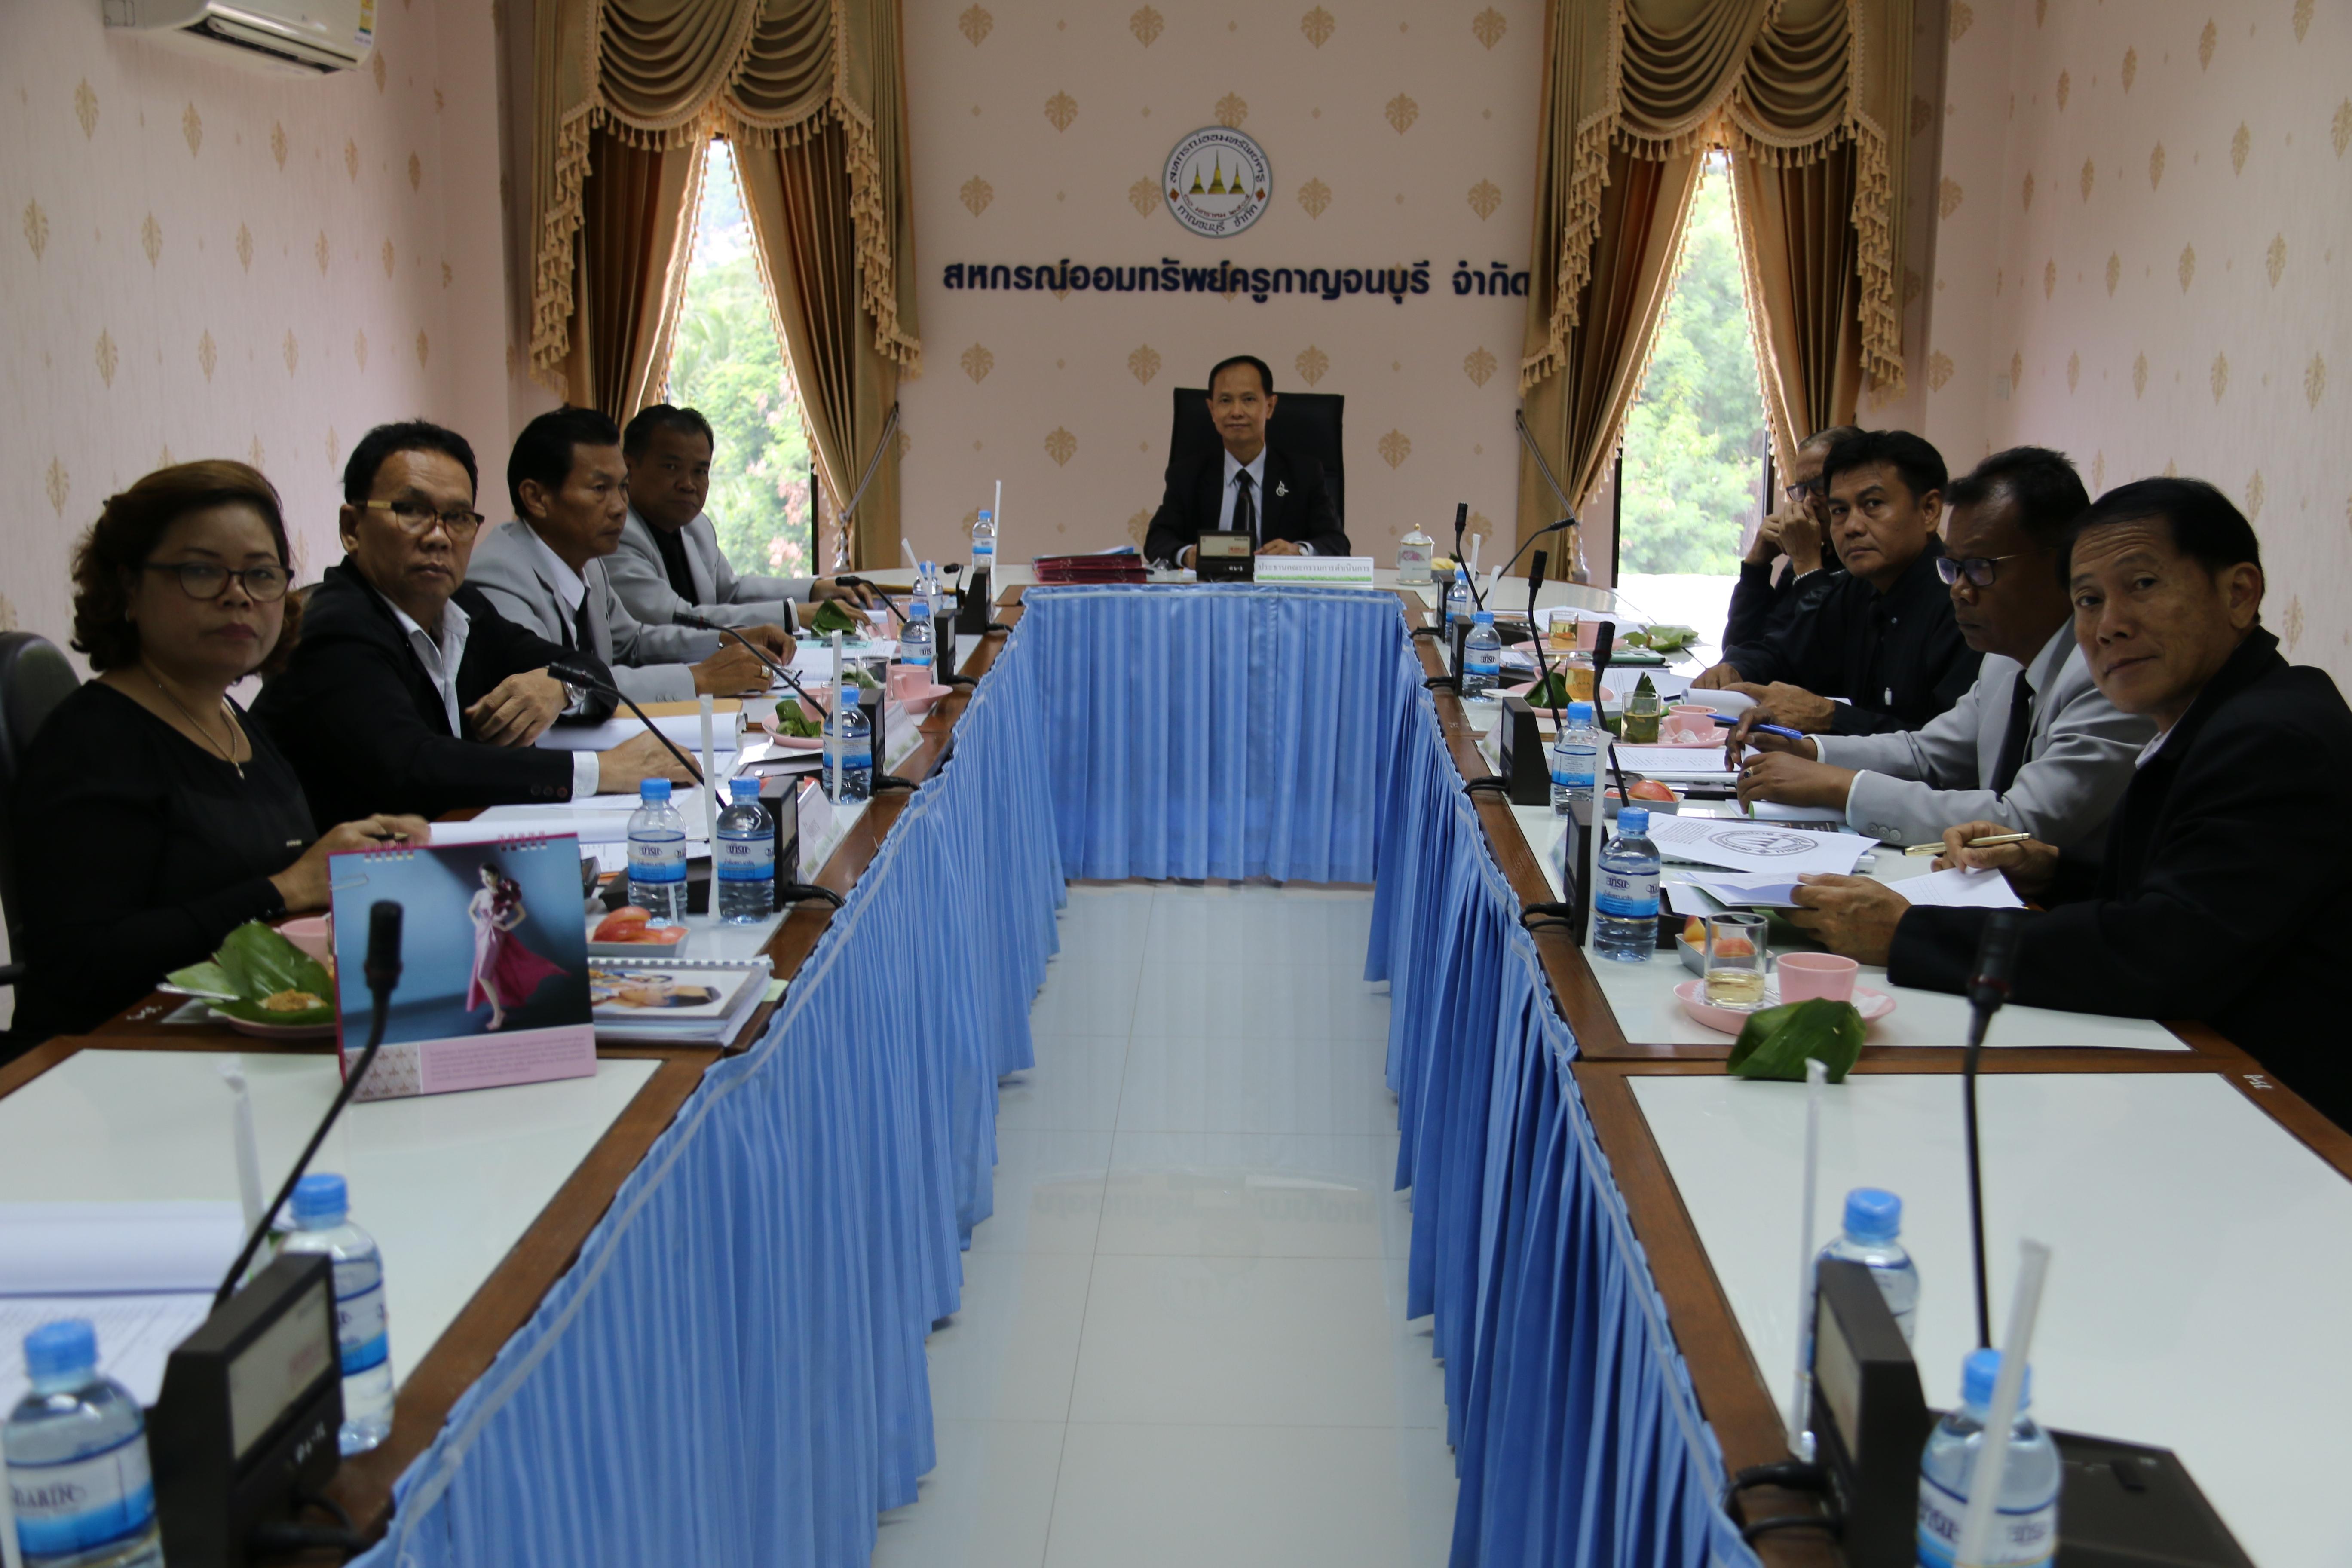 ประชุมคณะกรรมการอำนวยการ กรกฎาคม 2560